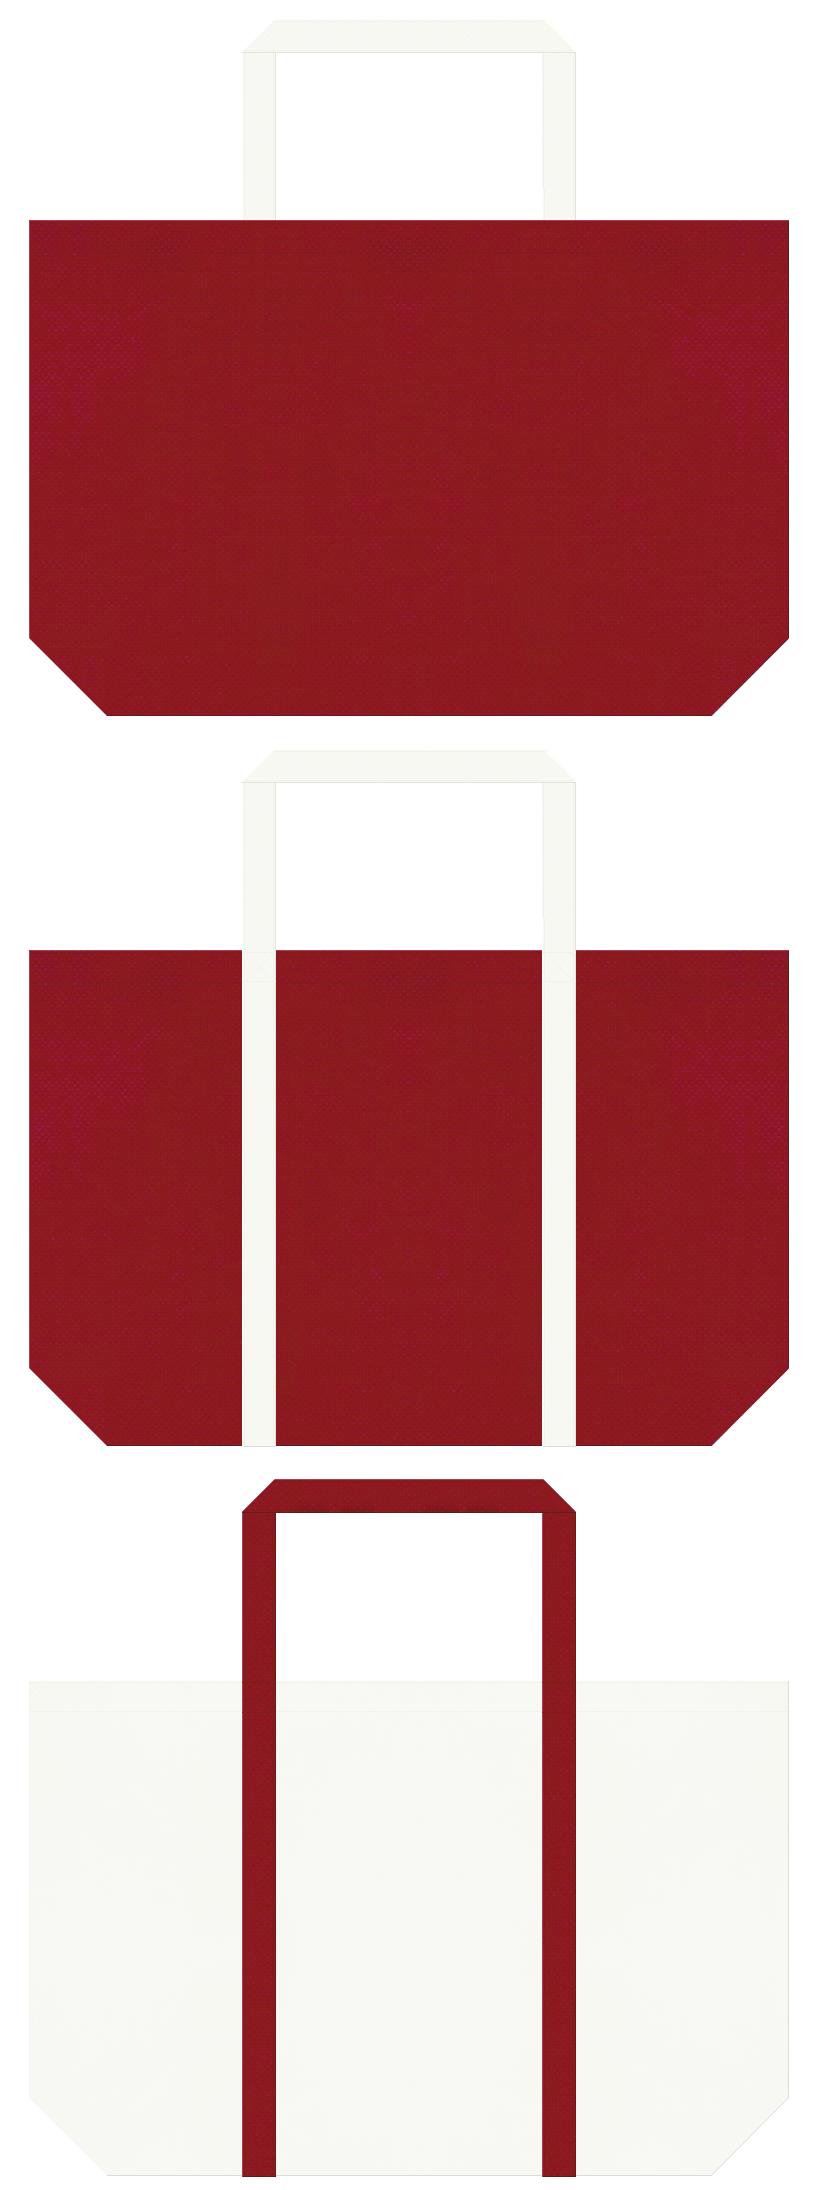 救急用品・クリスマスセール・福袋にお奨め:エンジ色とオフホワイト色の不織布ショッピングバッグのデザイン